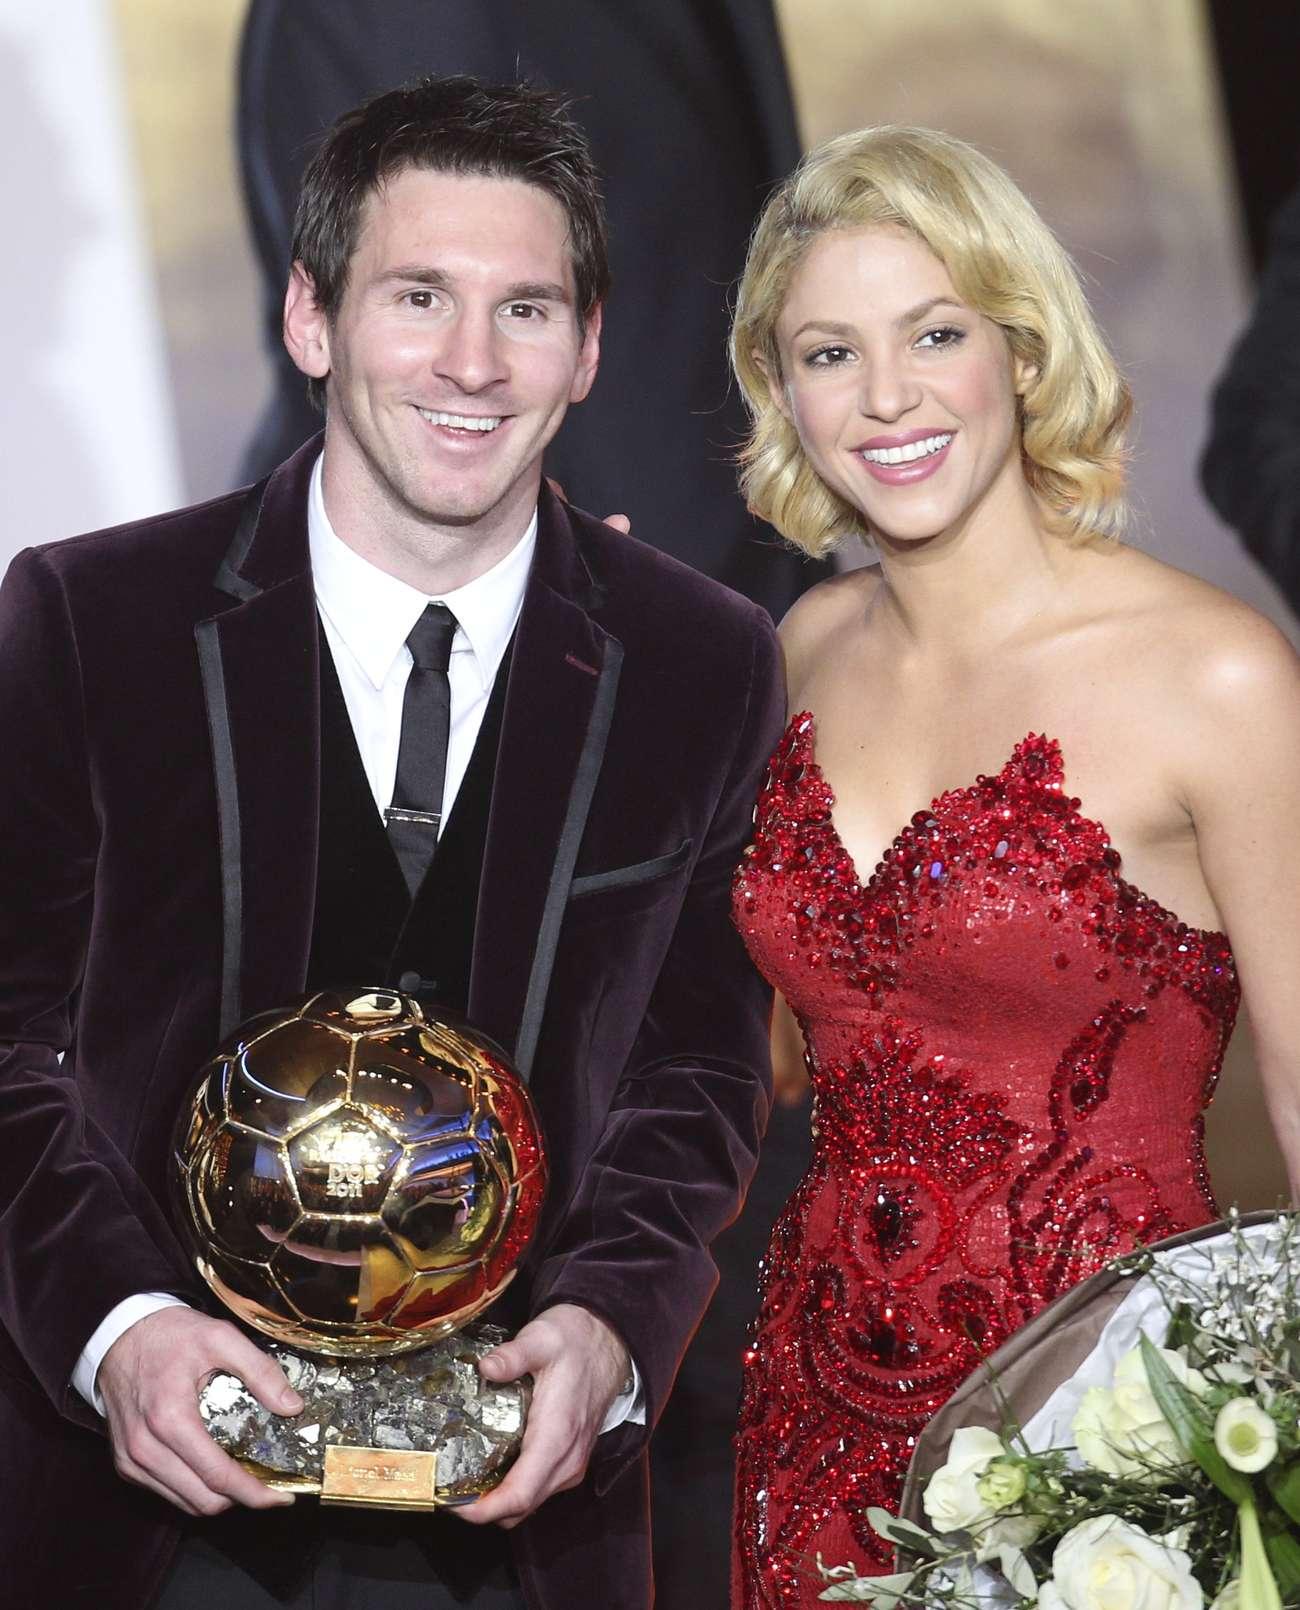 shakira-fifa-ballon-dor-soccer-player-of-the-year-2011-gala-in-zurich-11 - Full Size